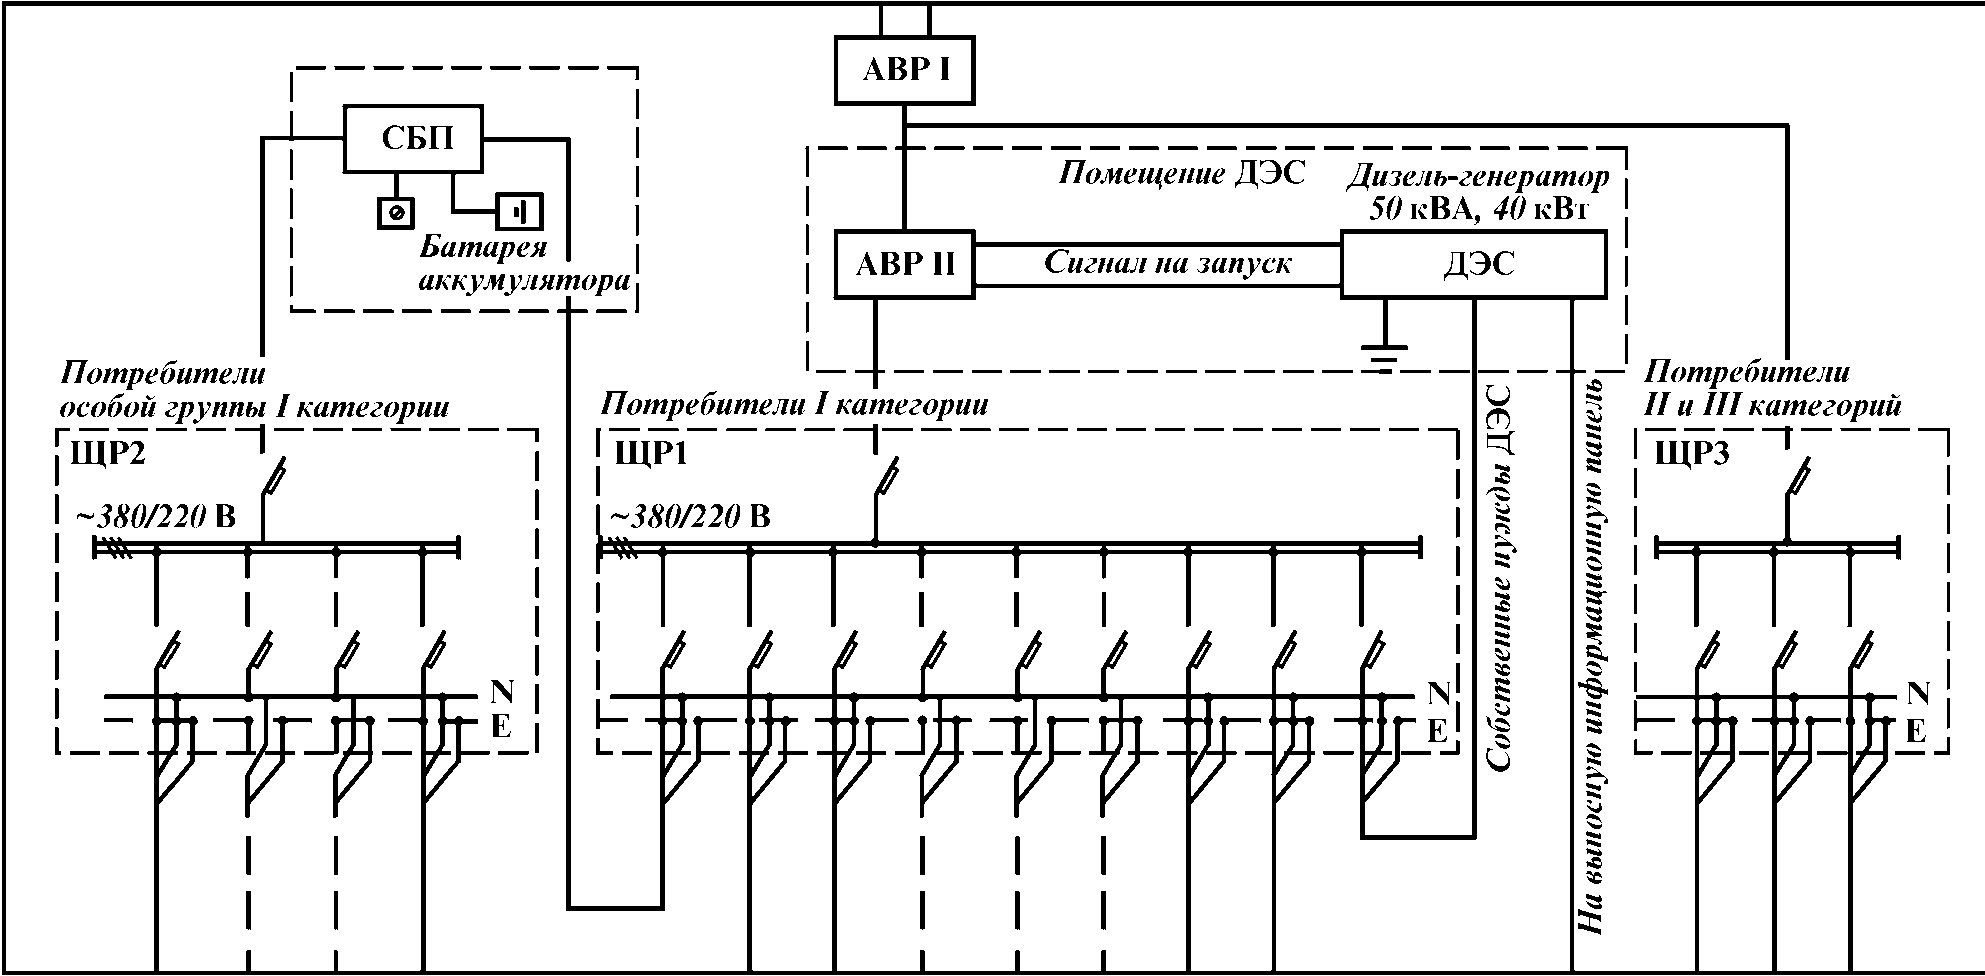 Рис. 2. Типовая принципиальная электрическая схема СБГЭ: N - нейтральный провод; О - заземление.